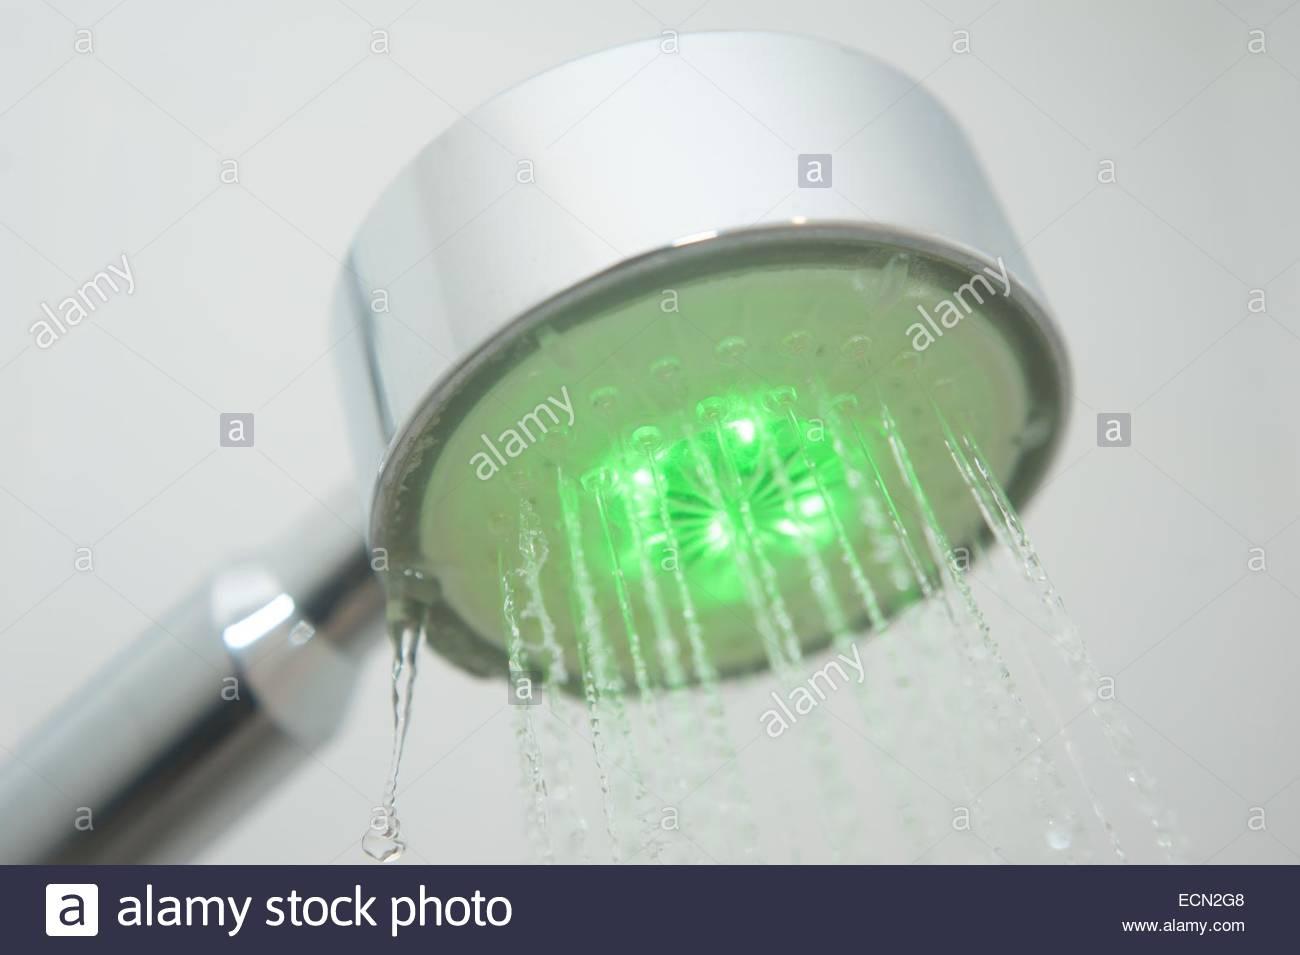 La Alcachofa De La Ducha Iluminada En Verde La Energ A Limpia Foto  ~ Como Limpiar La Alcachofa De La Ducha